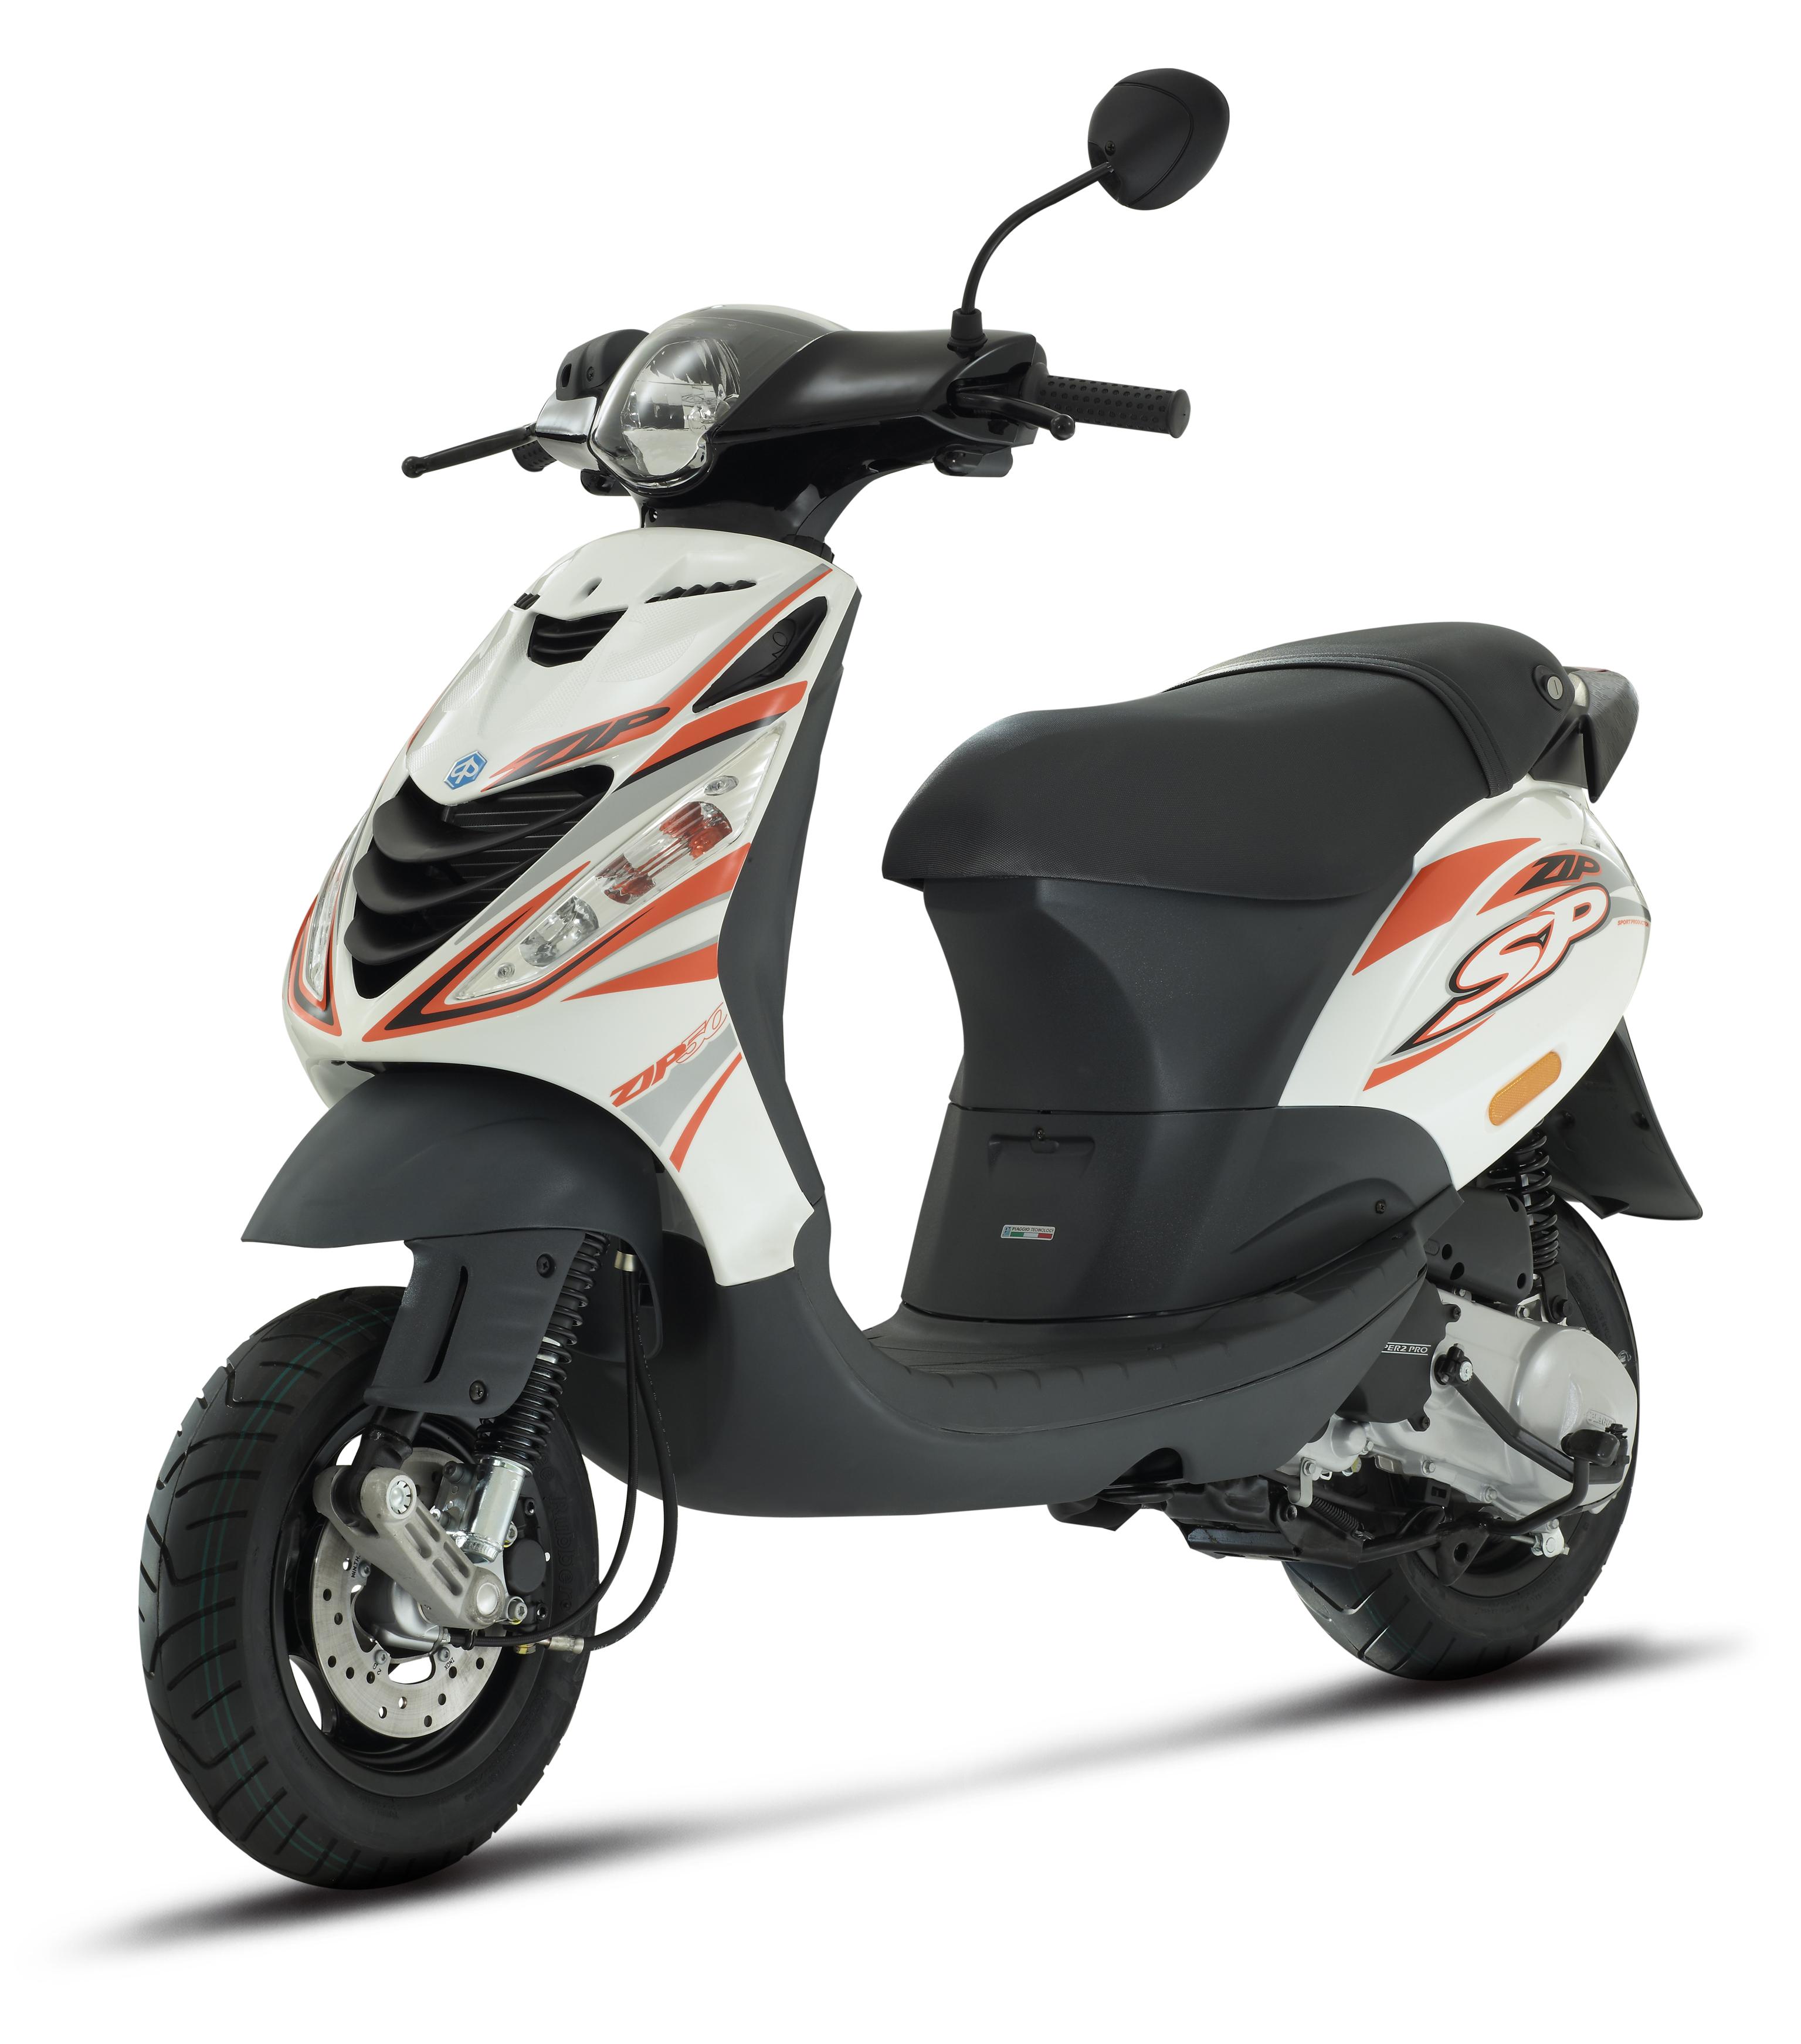 For Sale: Piaggio Zip • The Bike Market